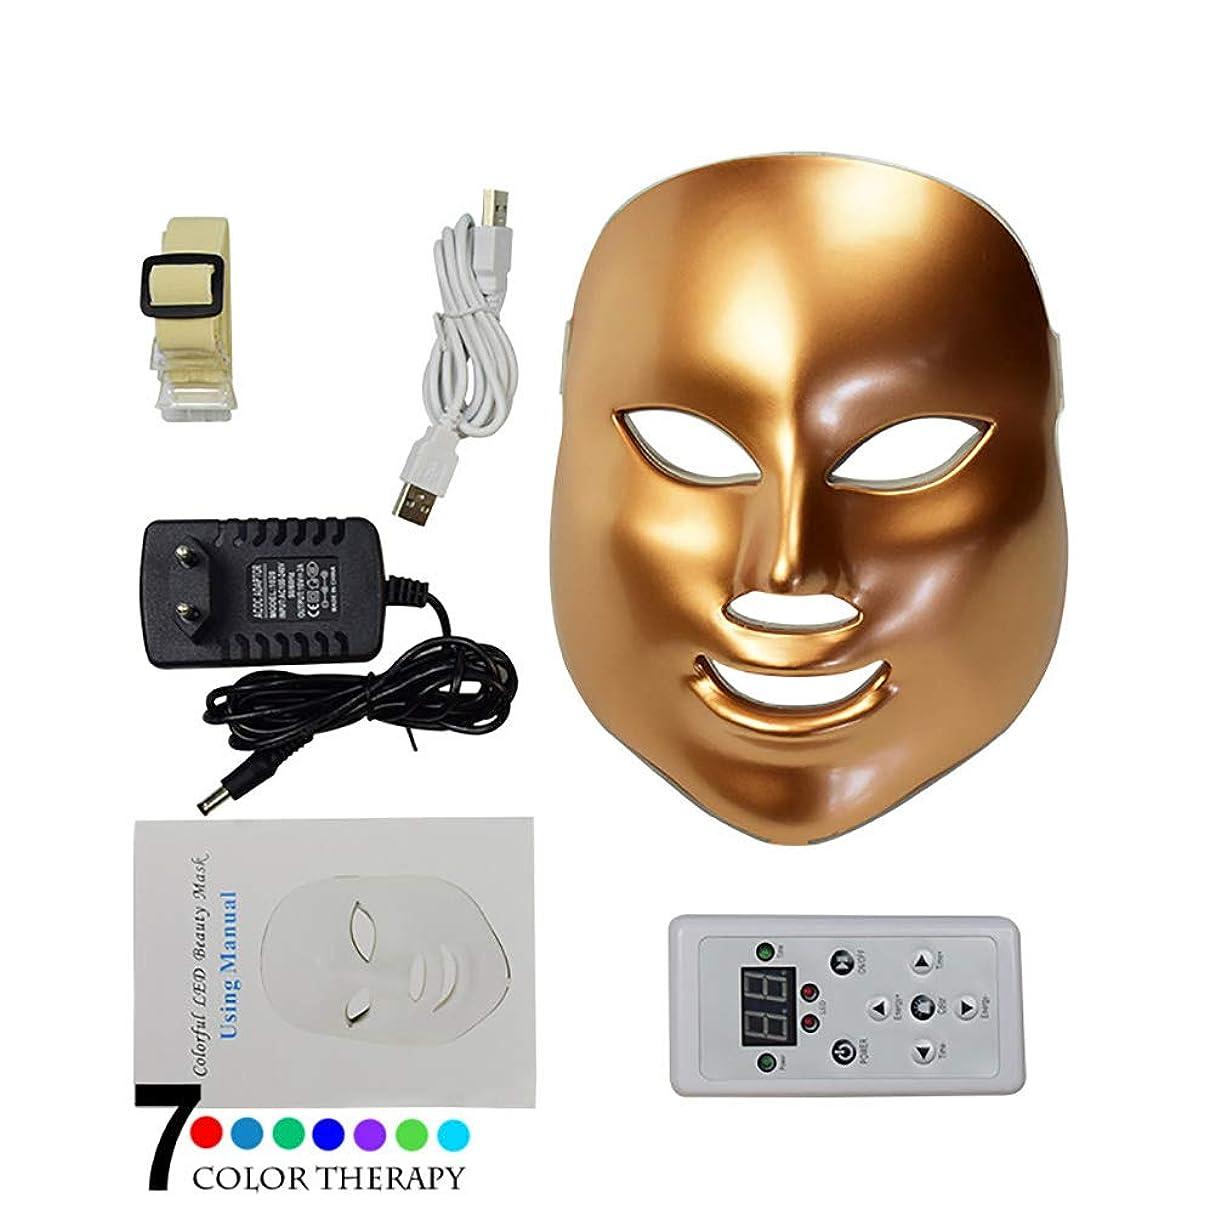 診断するウガンダ構成する7色LEDフェイスマスク、7色LEDスキン光線療法器具、健康的な肌の若返りのためのレッドライトセラピー、アンチエイジング、しわ、瘢痕化,Gold